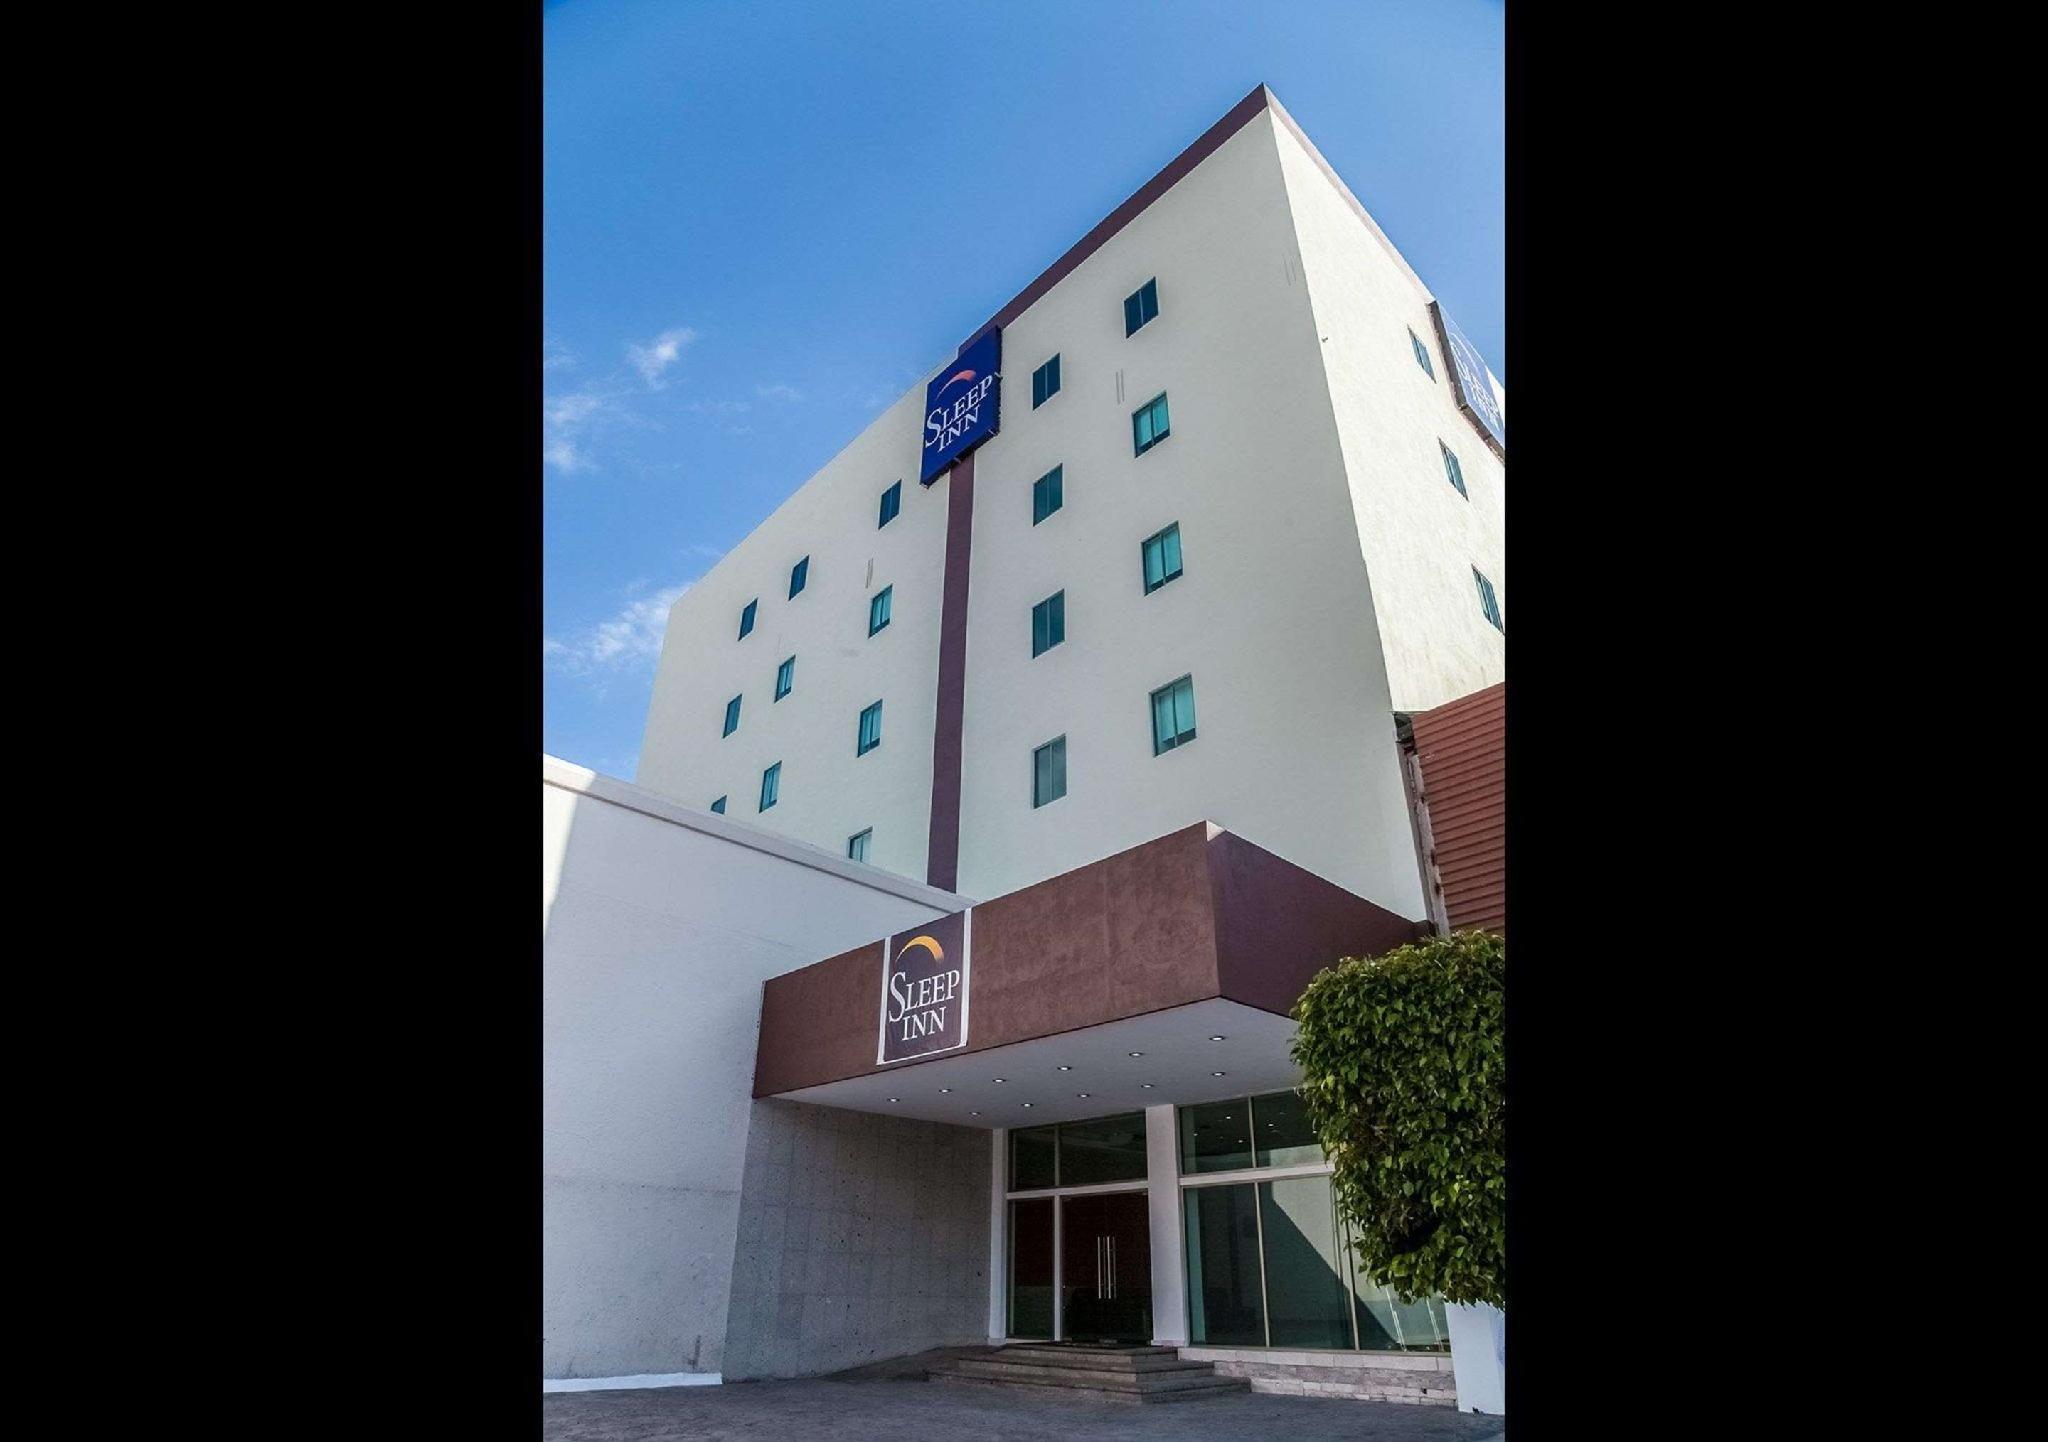 Sleep Inn Tuxtla Gutierrez Hotel